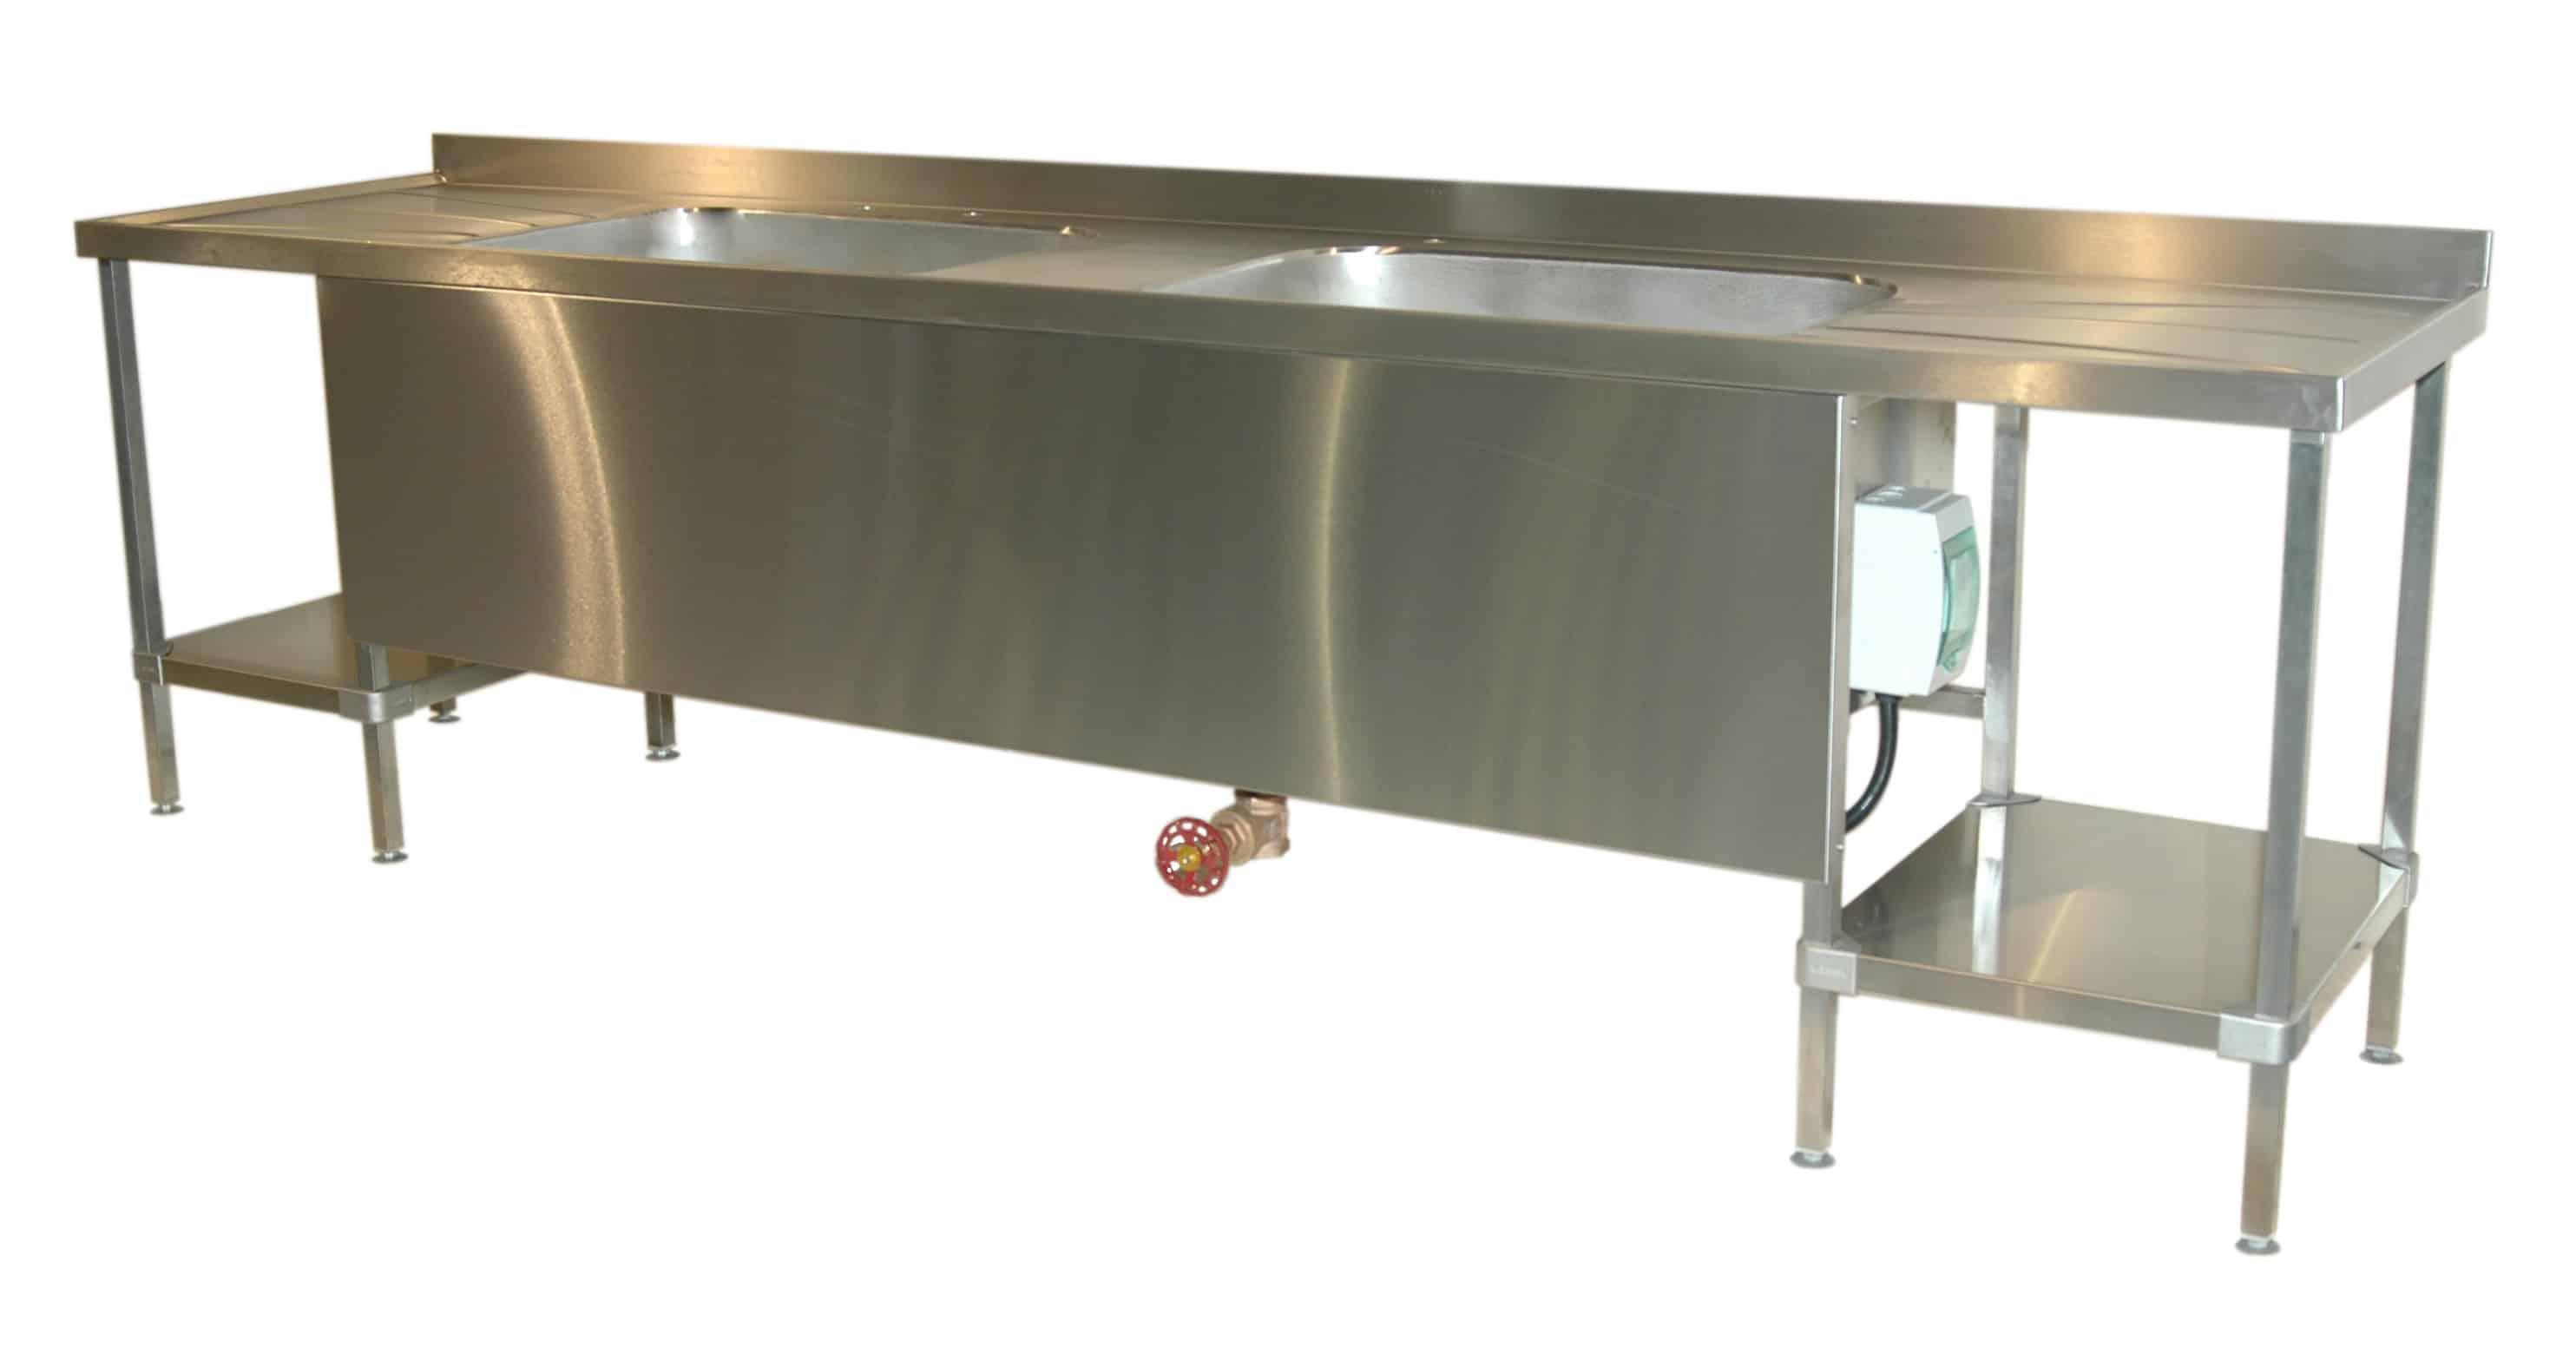 Steriliser Sink